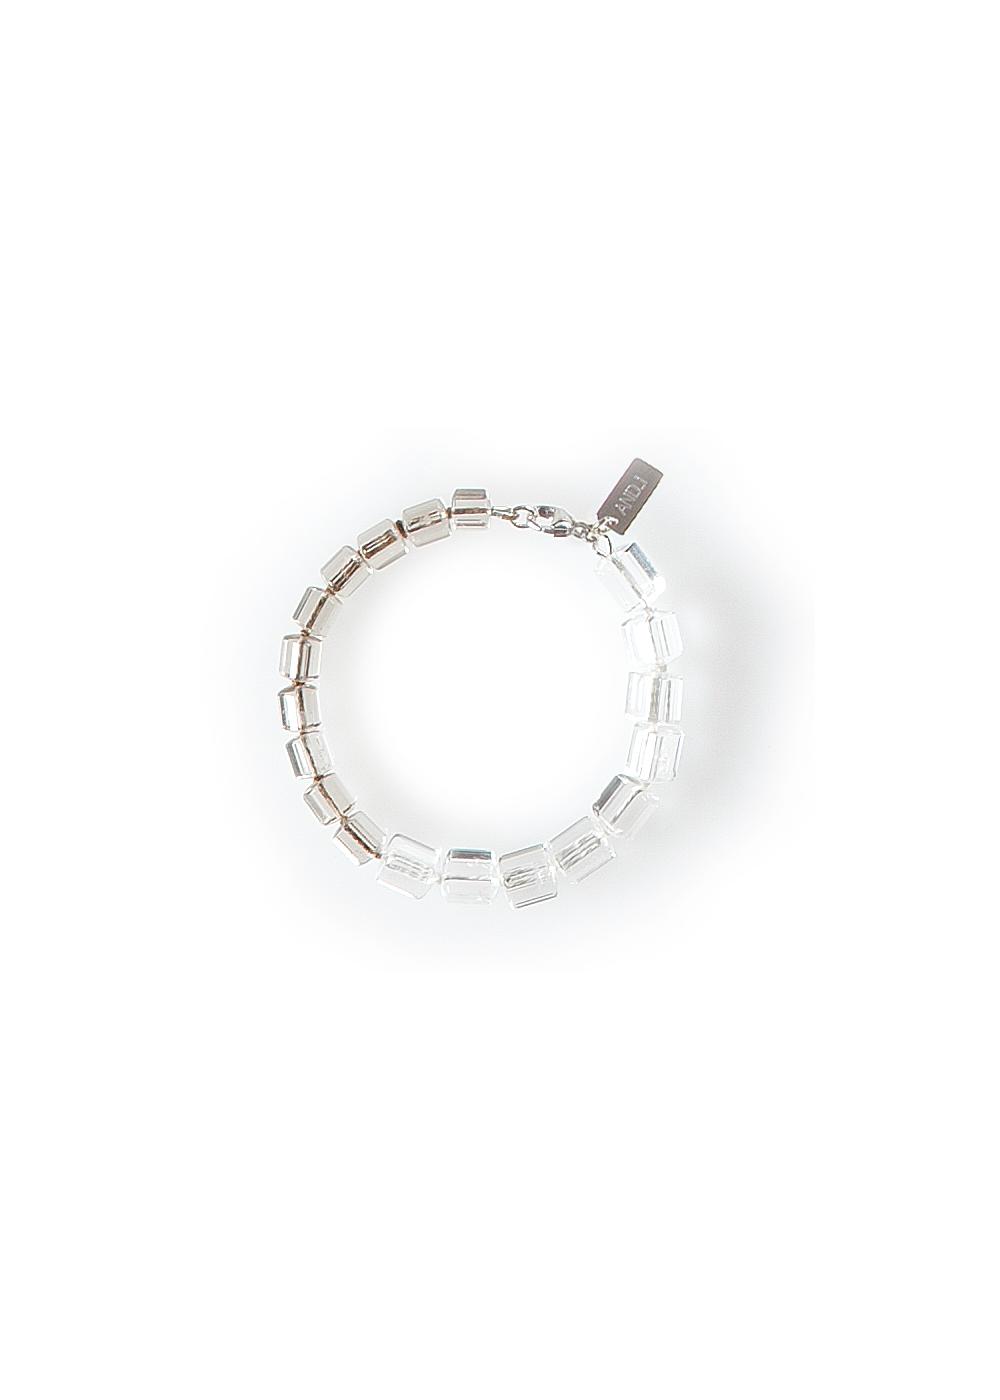 Perseids Bracelet Beige